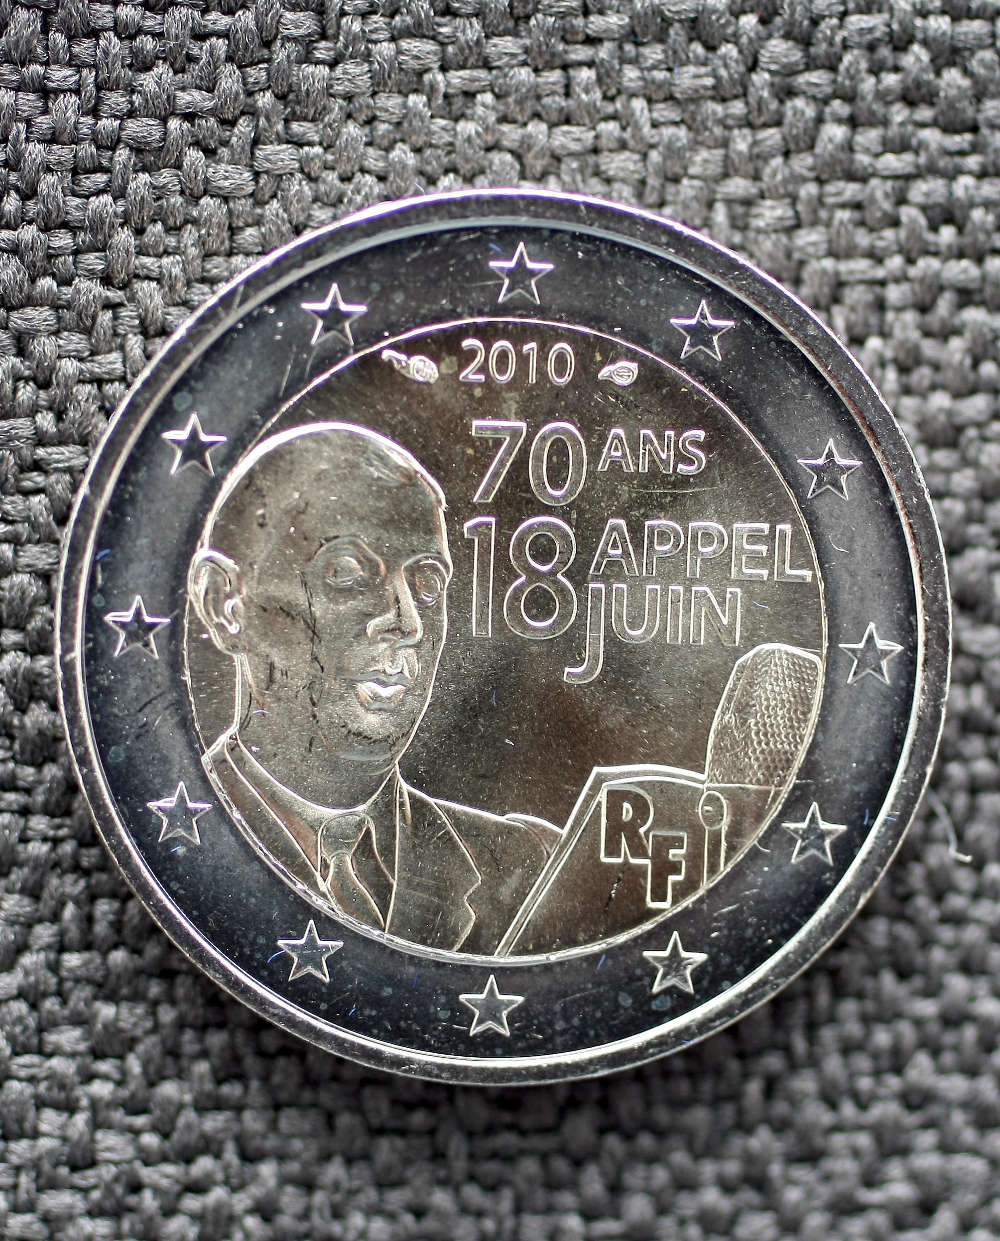 Surveillez Vos Pièces De 2 Euros : Certaines Sont Fausses, D intérieur Fausses Pieces Euros